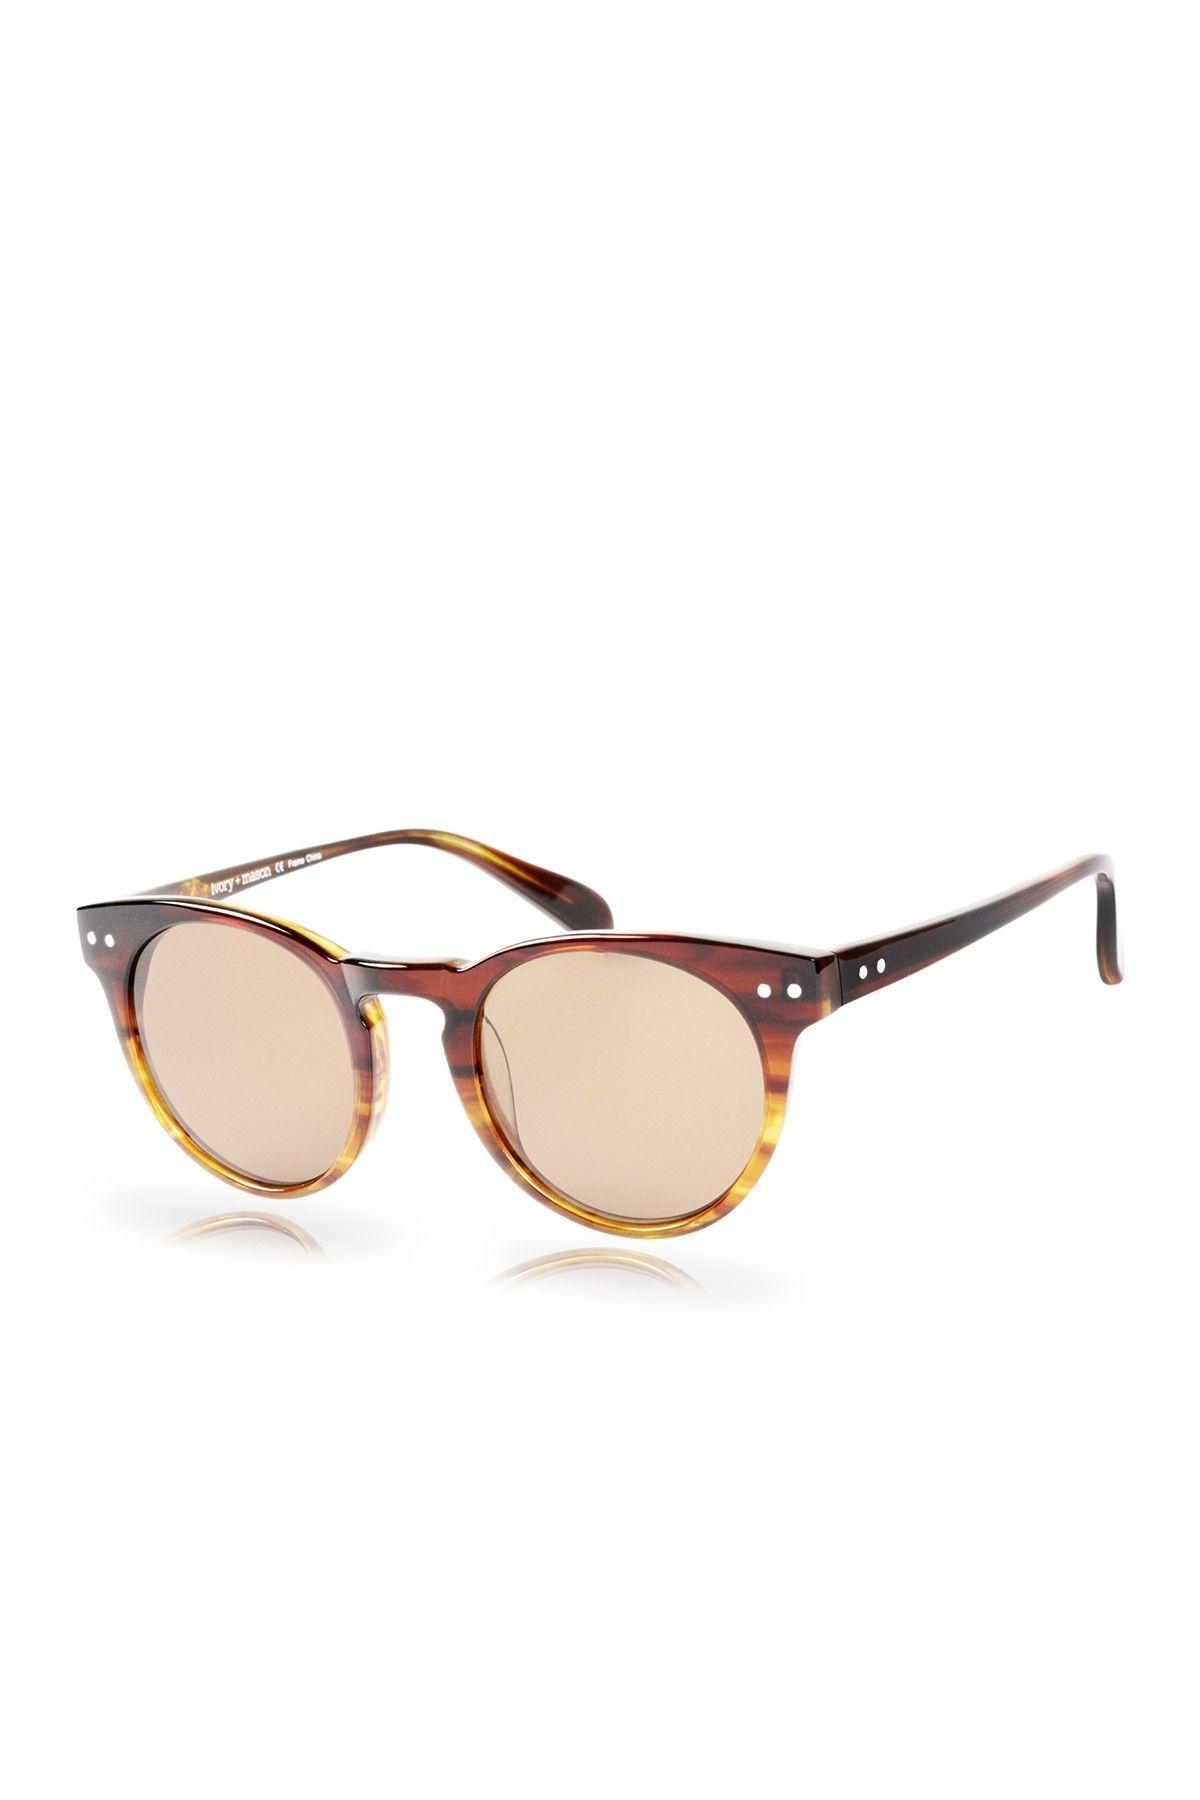 Milano Unisex Gold Tortoise Fade Plastic Acetate Sunglasses   Men ...